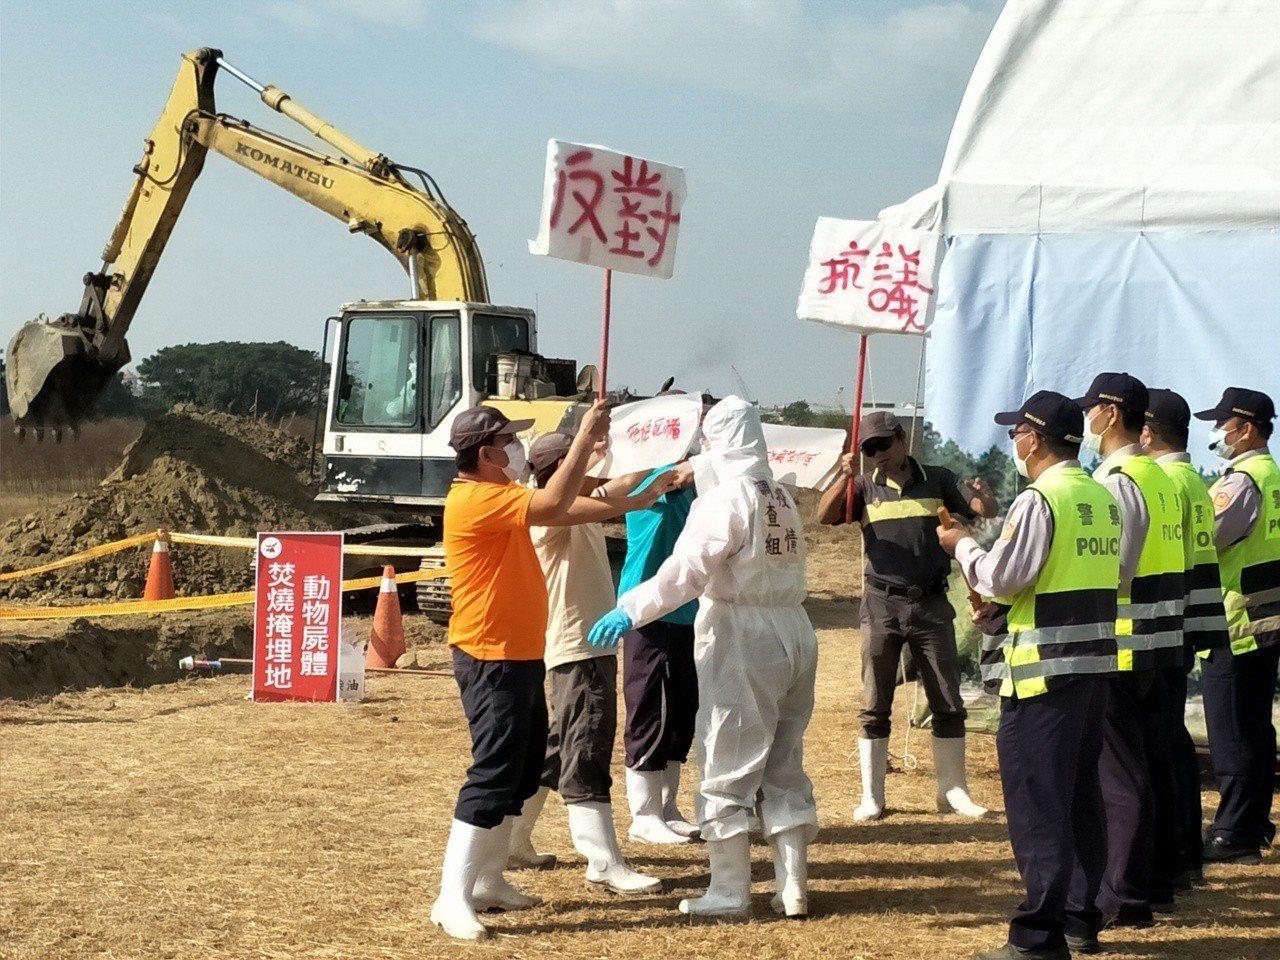 台南市昨在後壁烏樹林農場辦理非洲豬瘟演練,現場模擬掩埋豬隻遭遇民眾抗爭,經警方排...